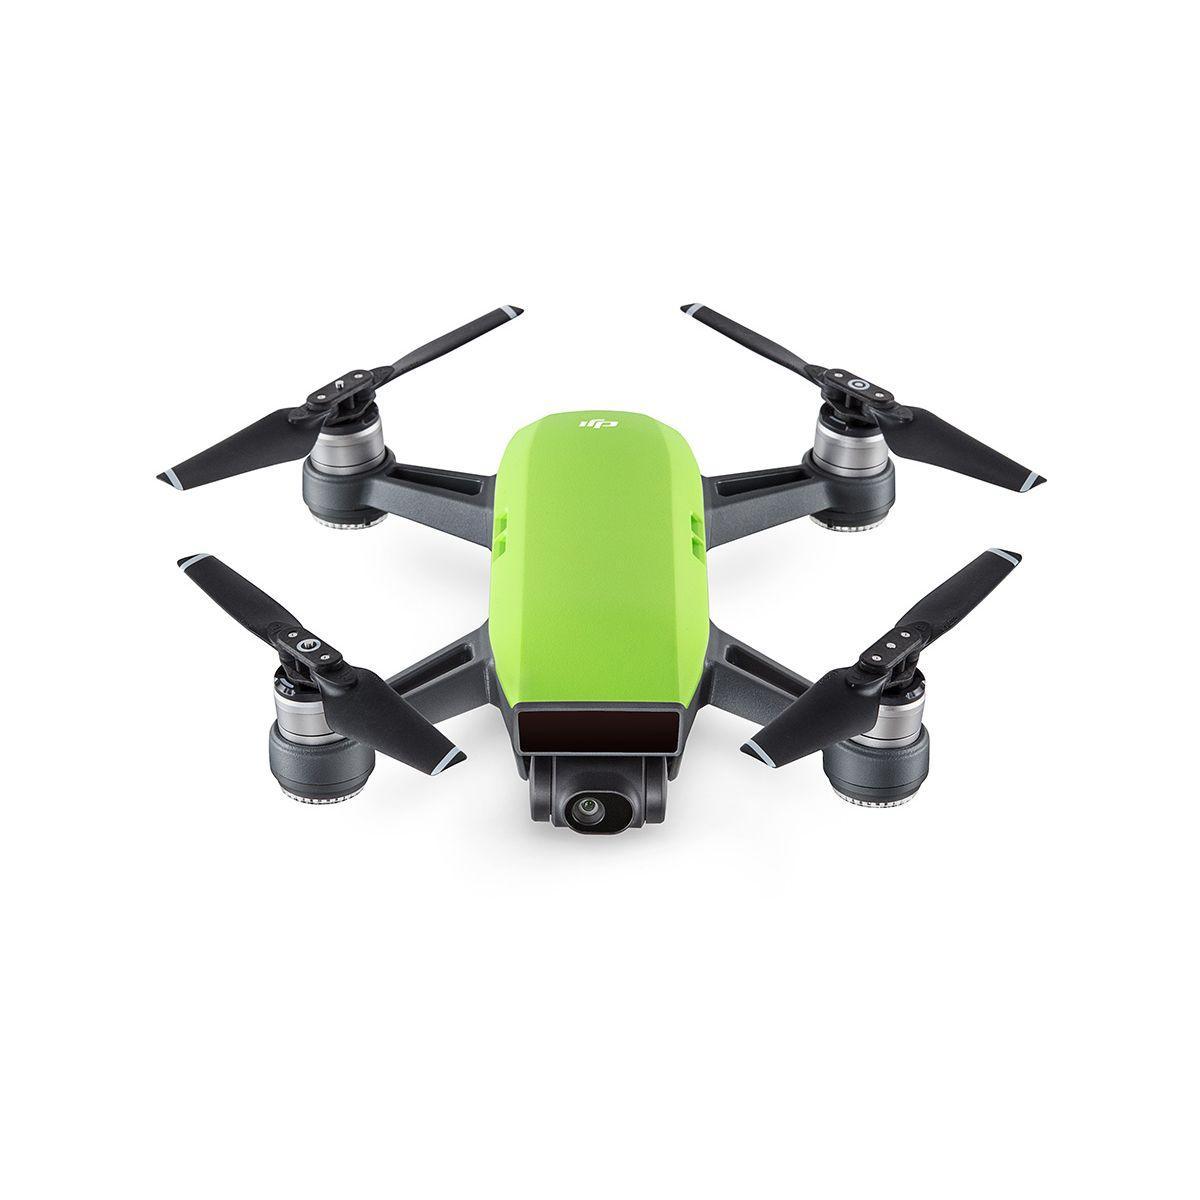 Drones dji spark fly more combo vert - 10% de remise imm�diate avec le code : paques10 (photo)